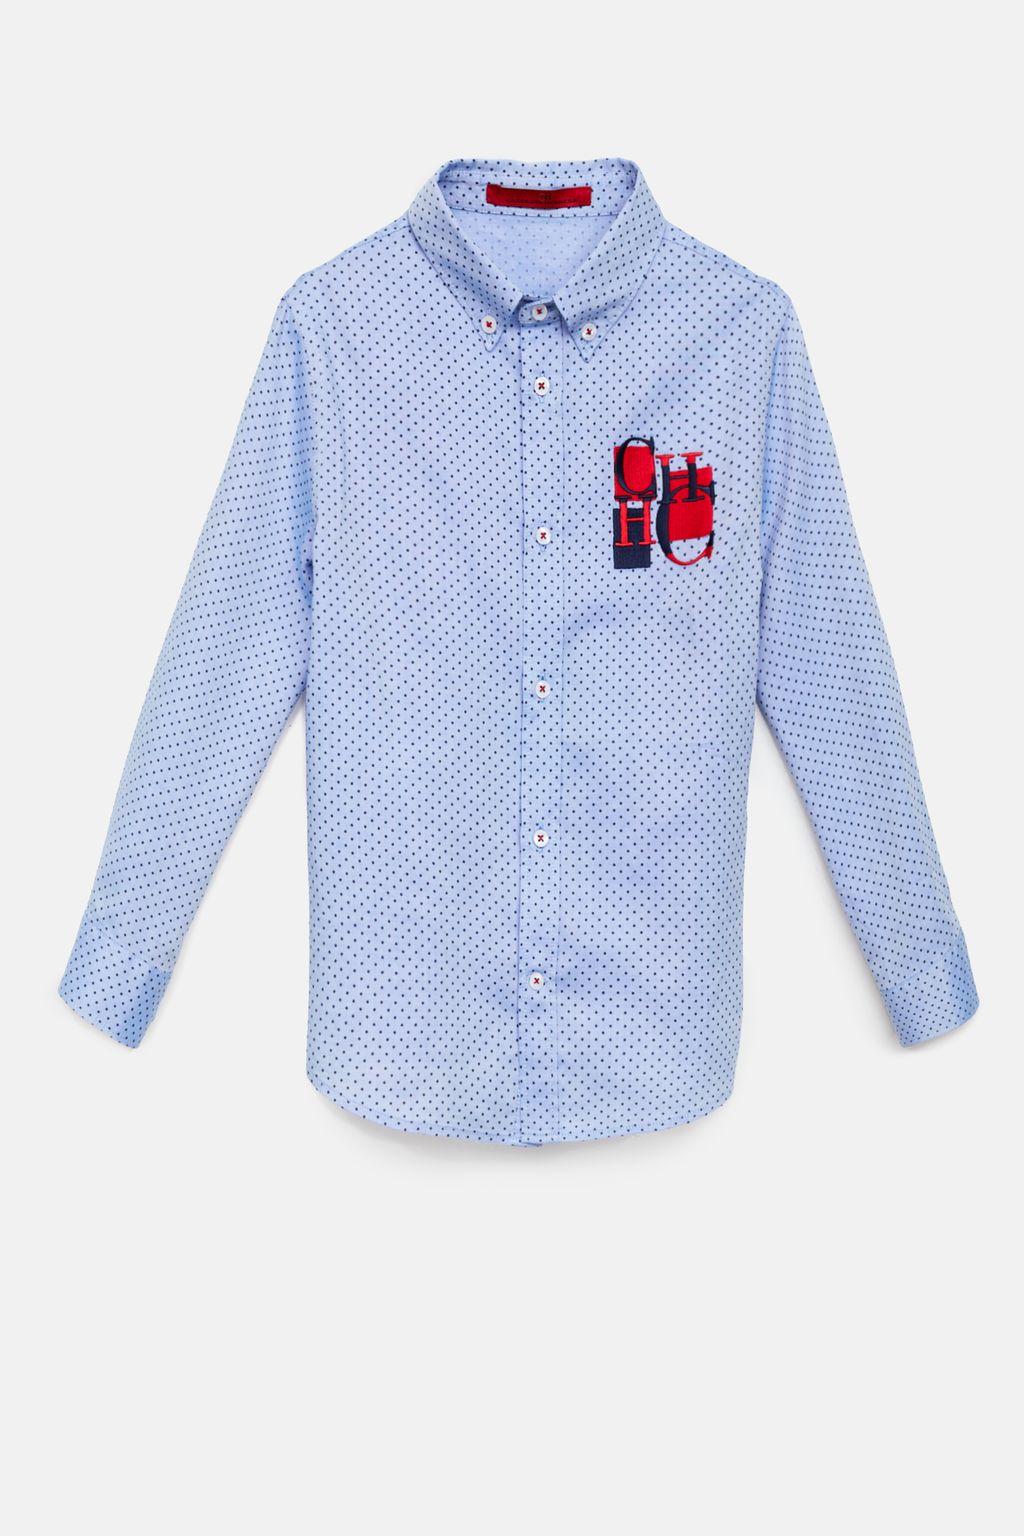 Polka dot pinpoint shirt